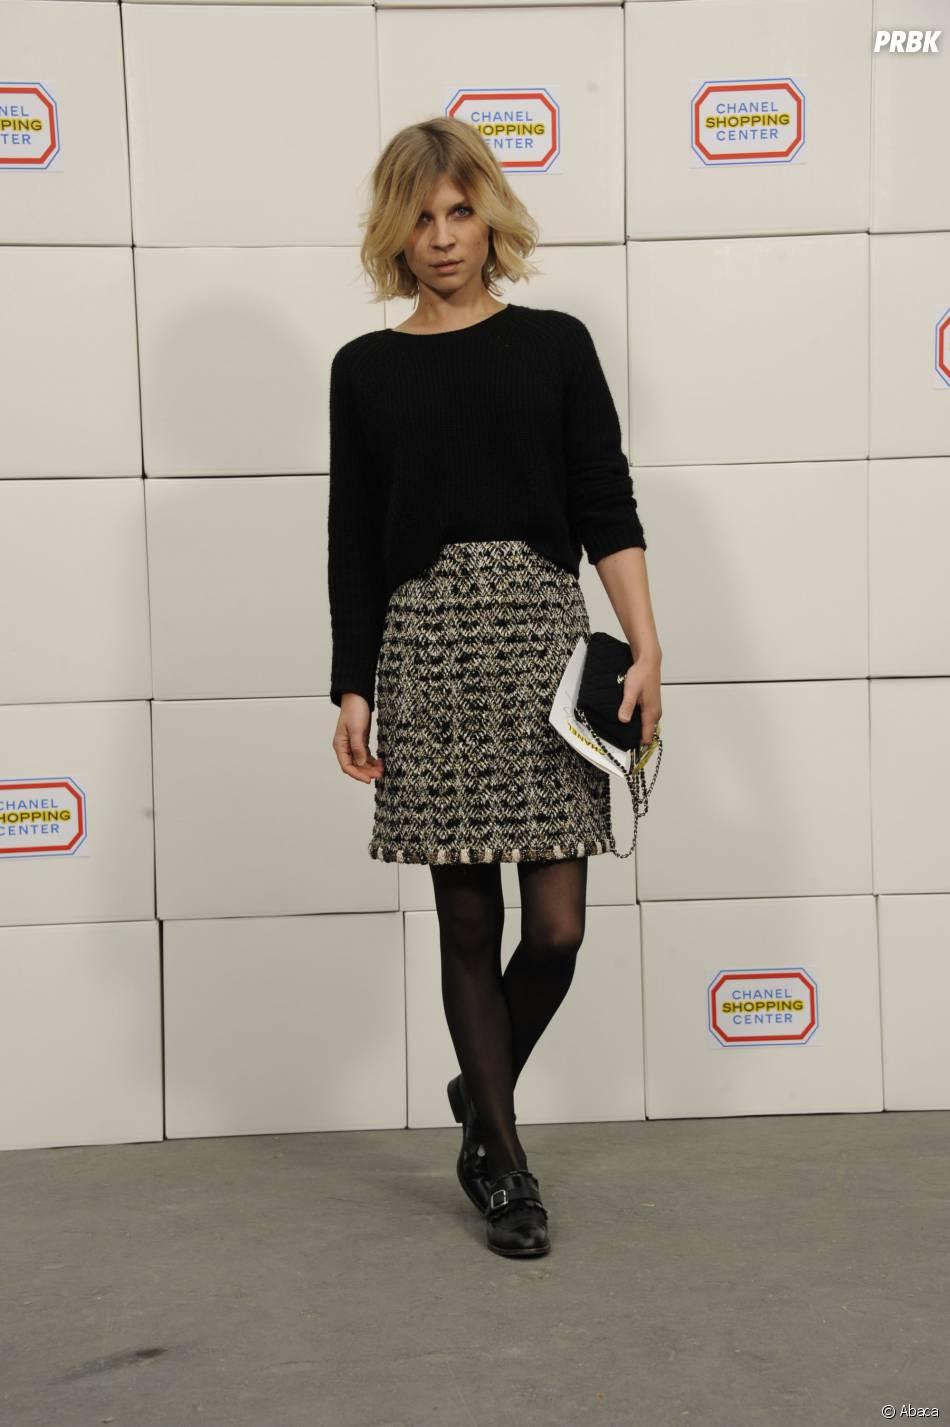 """Clémence Poésy au défilé Chanel de Karl Lagerfeld dans le """"Shopping Center"""" du Grand Palais, le 4 mars 2014 à Paris"""